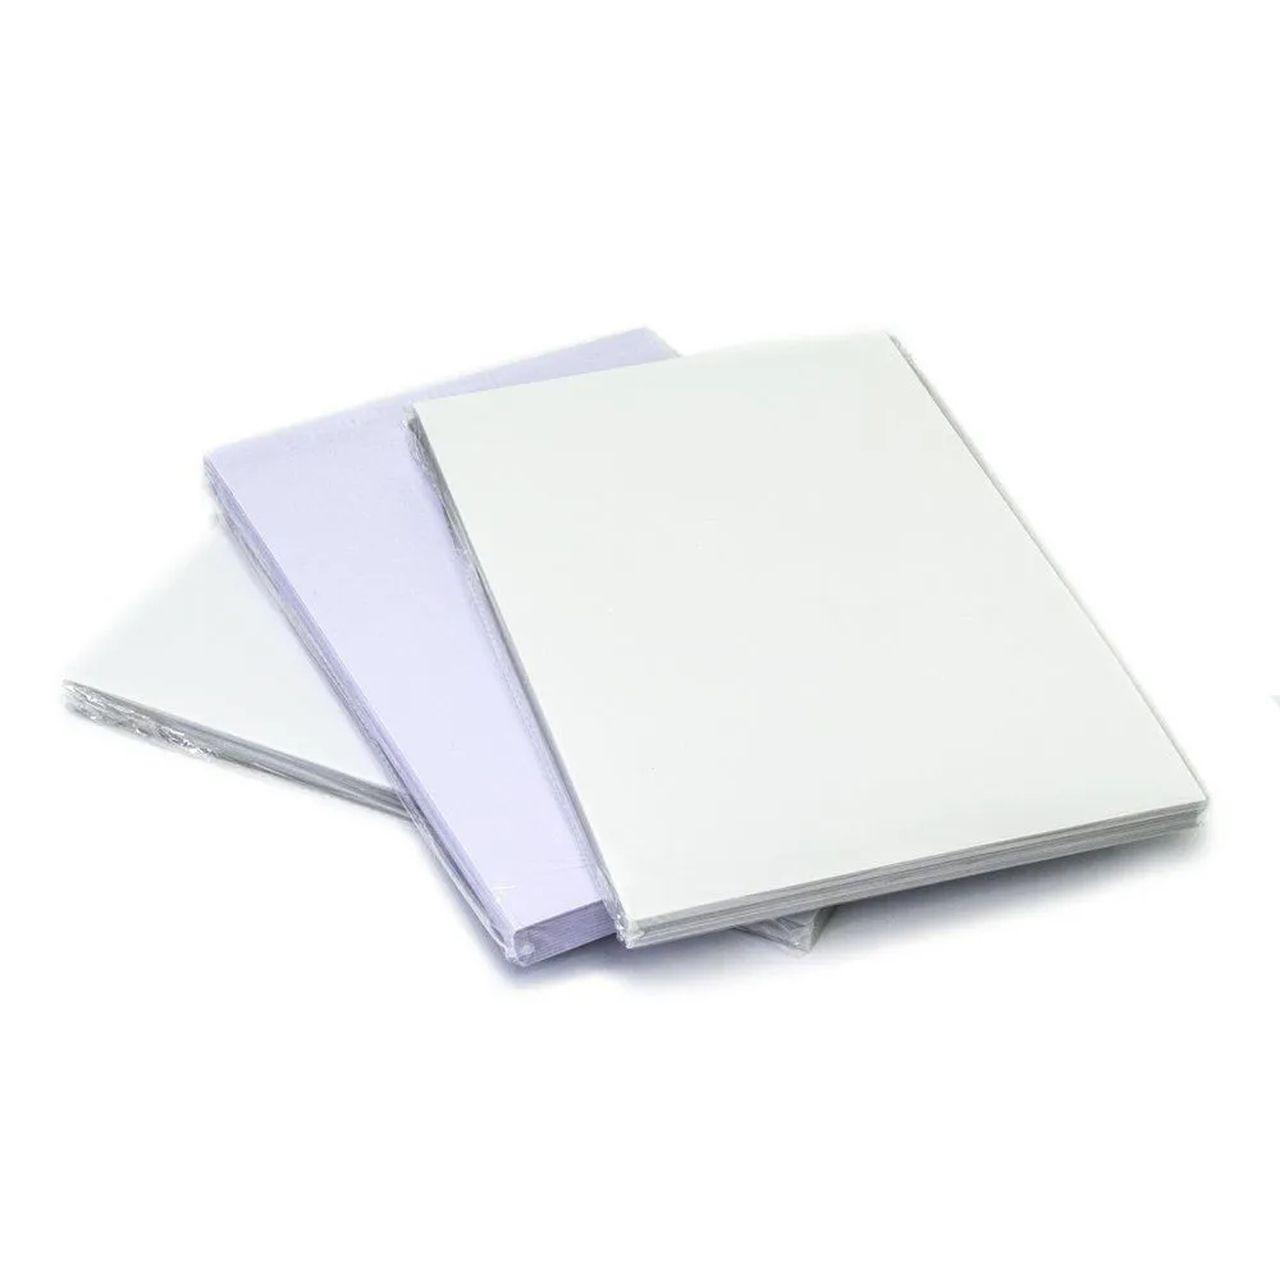 Folhas Imprimíveis para Placas de PVC, Crachá, Cardápio - 100 Unidades